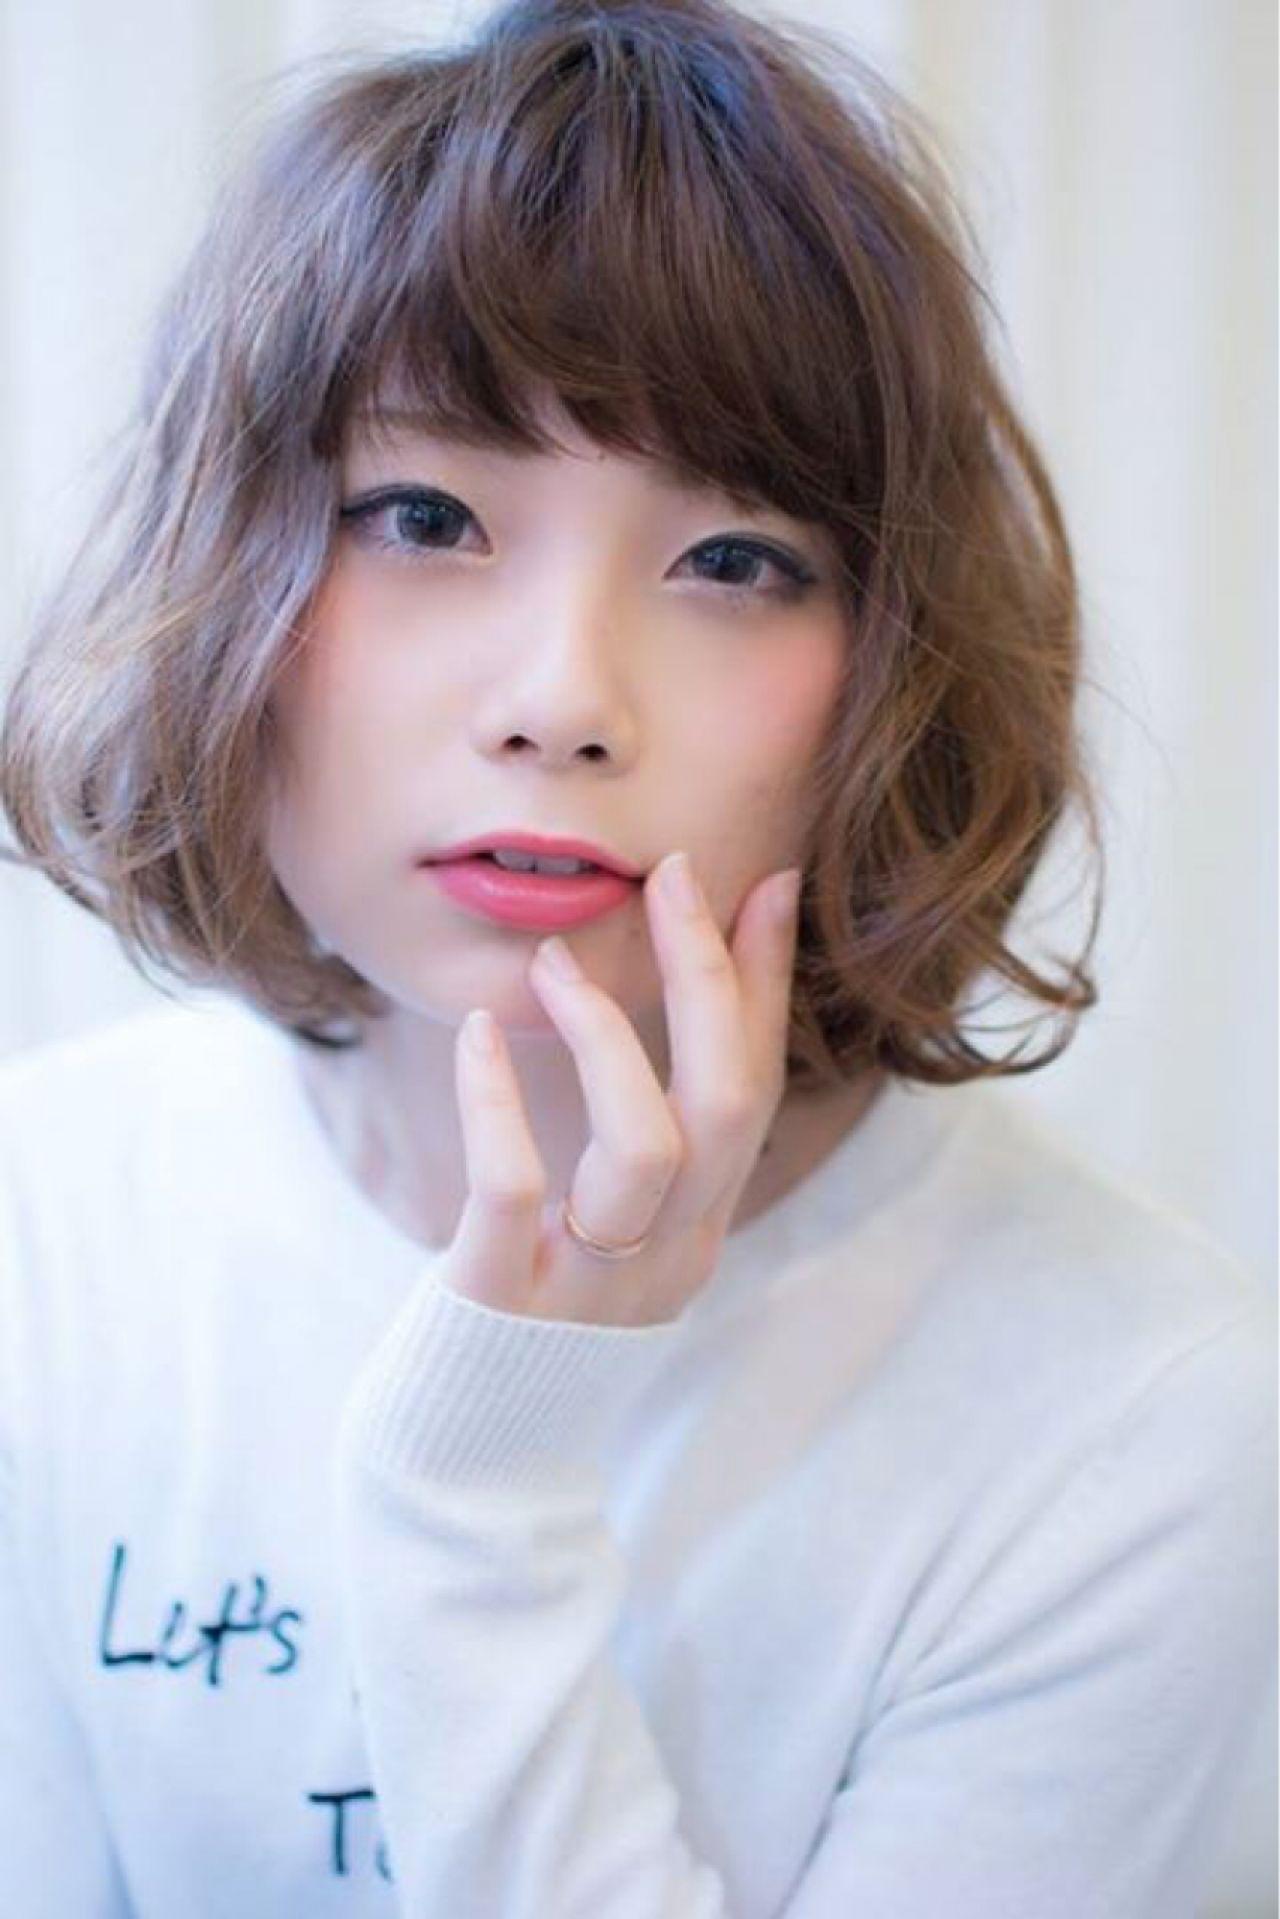 次の髪色はこれで決まり。話題のグレージュ総まとめ! 田渕 英和/vicushair